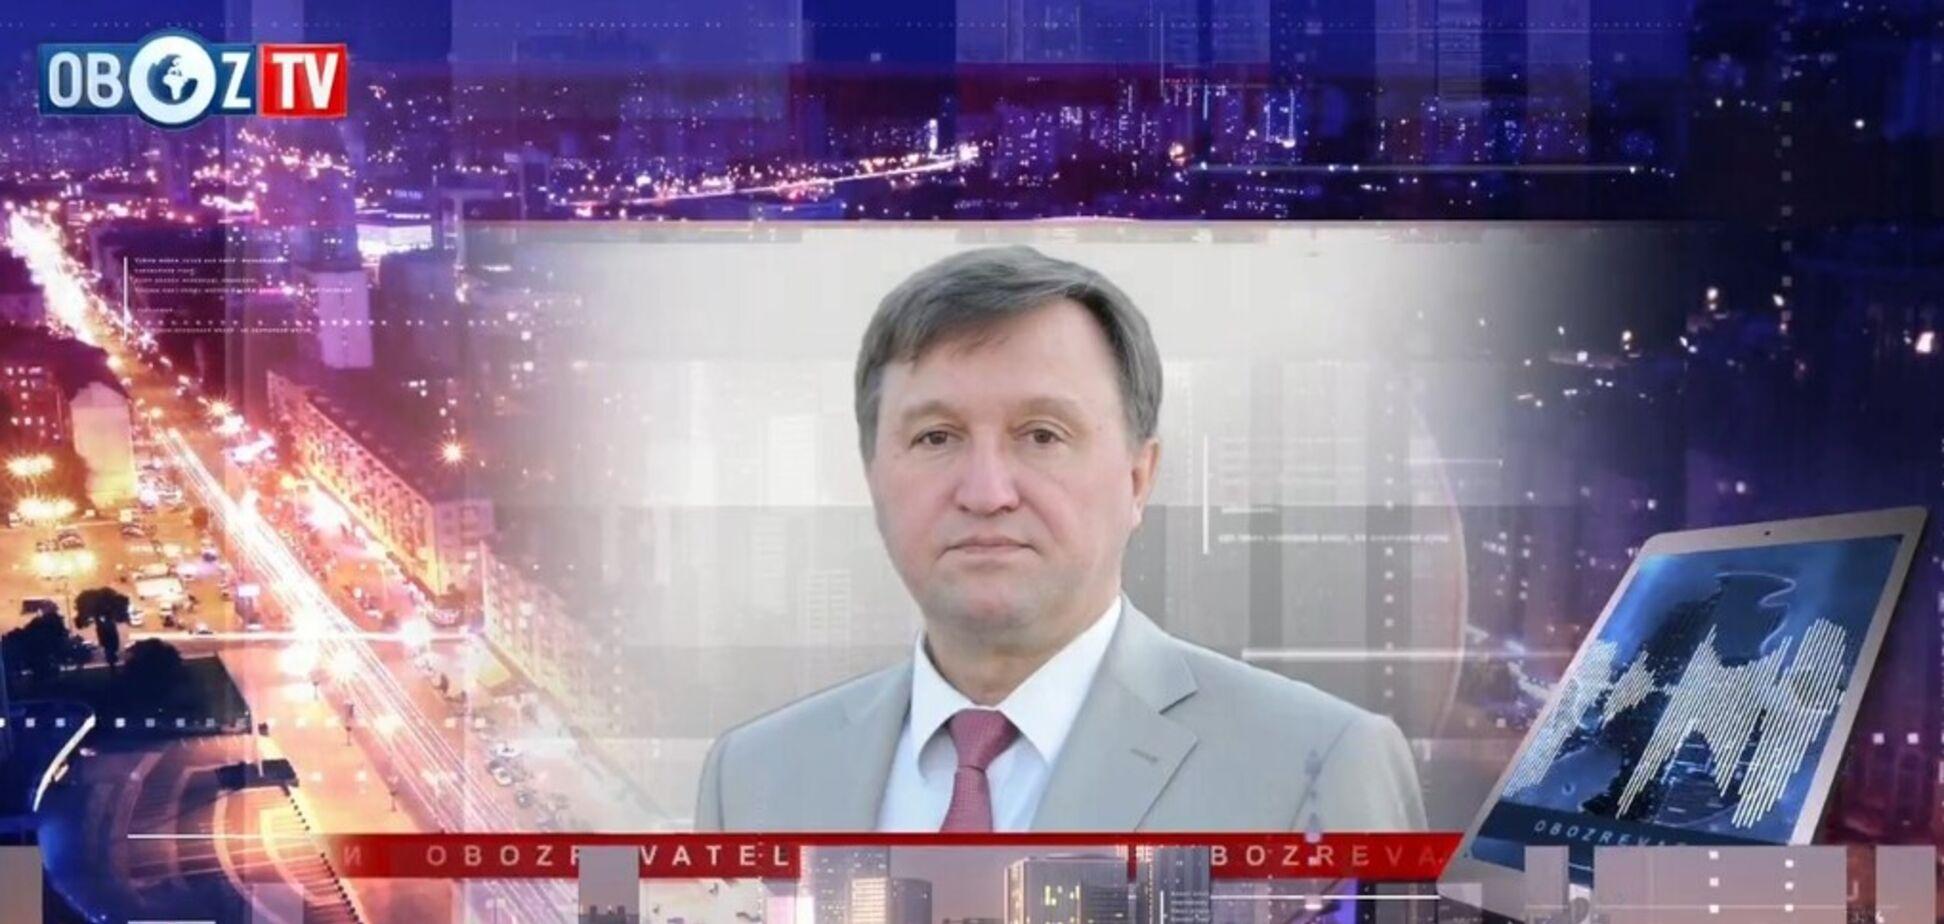 'Україна стане членом НАТО': експерт пояснив нову програму співпраці